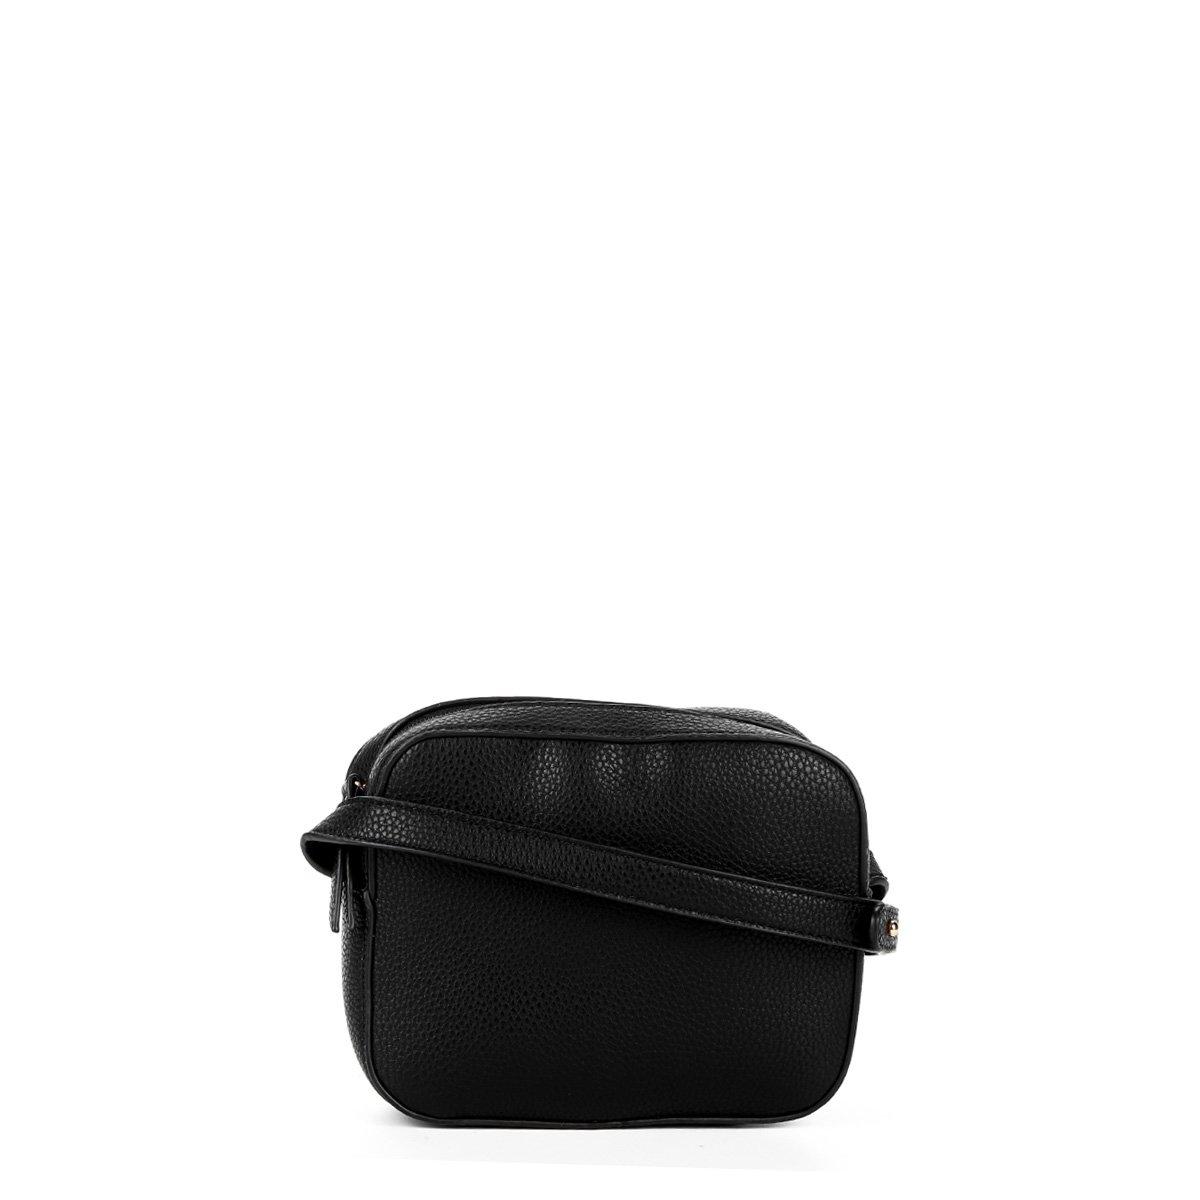 4731b7b6b Bolsa Shoestock Mini Bag Crossbody Feminina